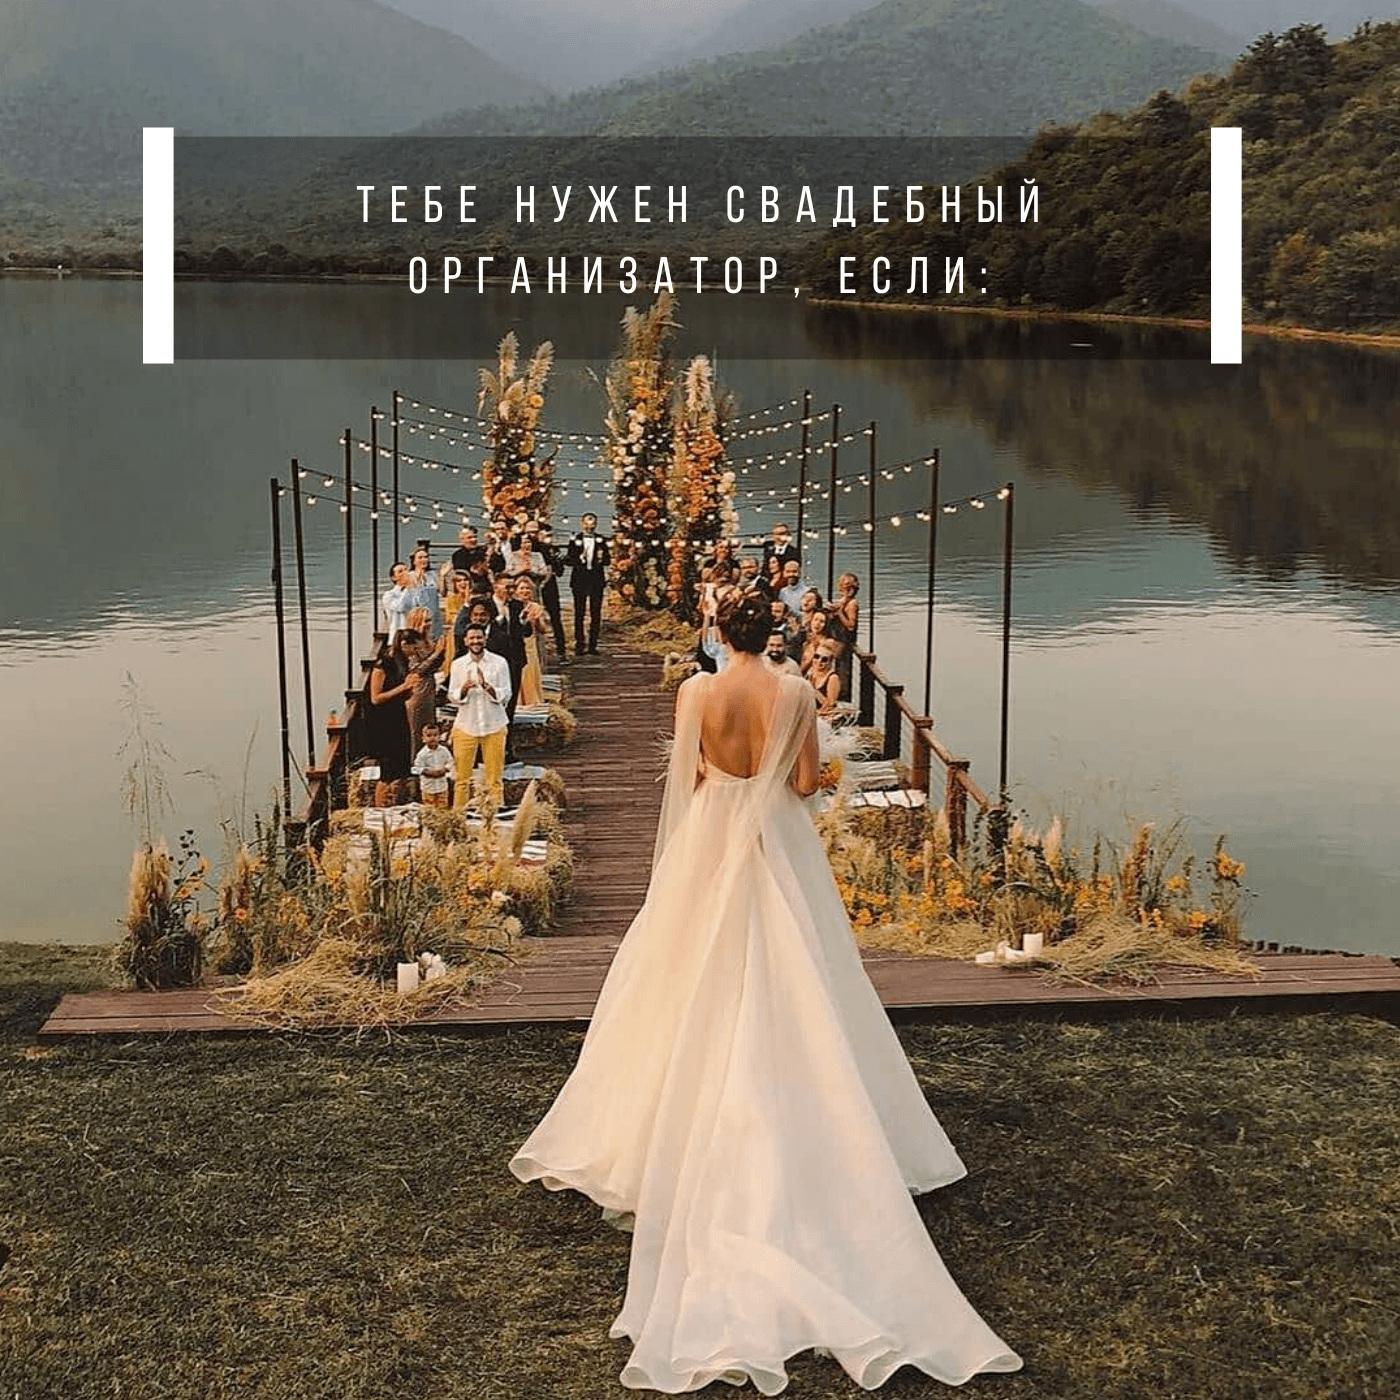 6 причин, почему тебе нужен свадебный организатор